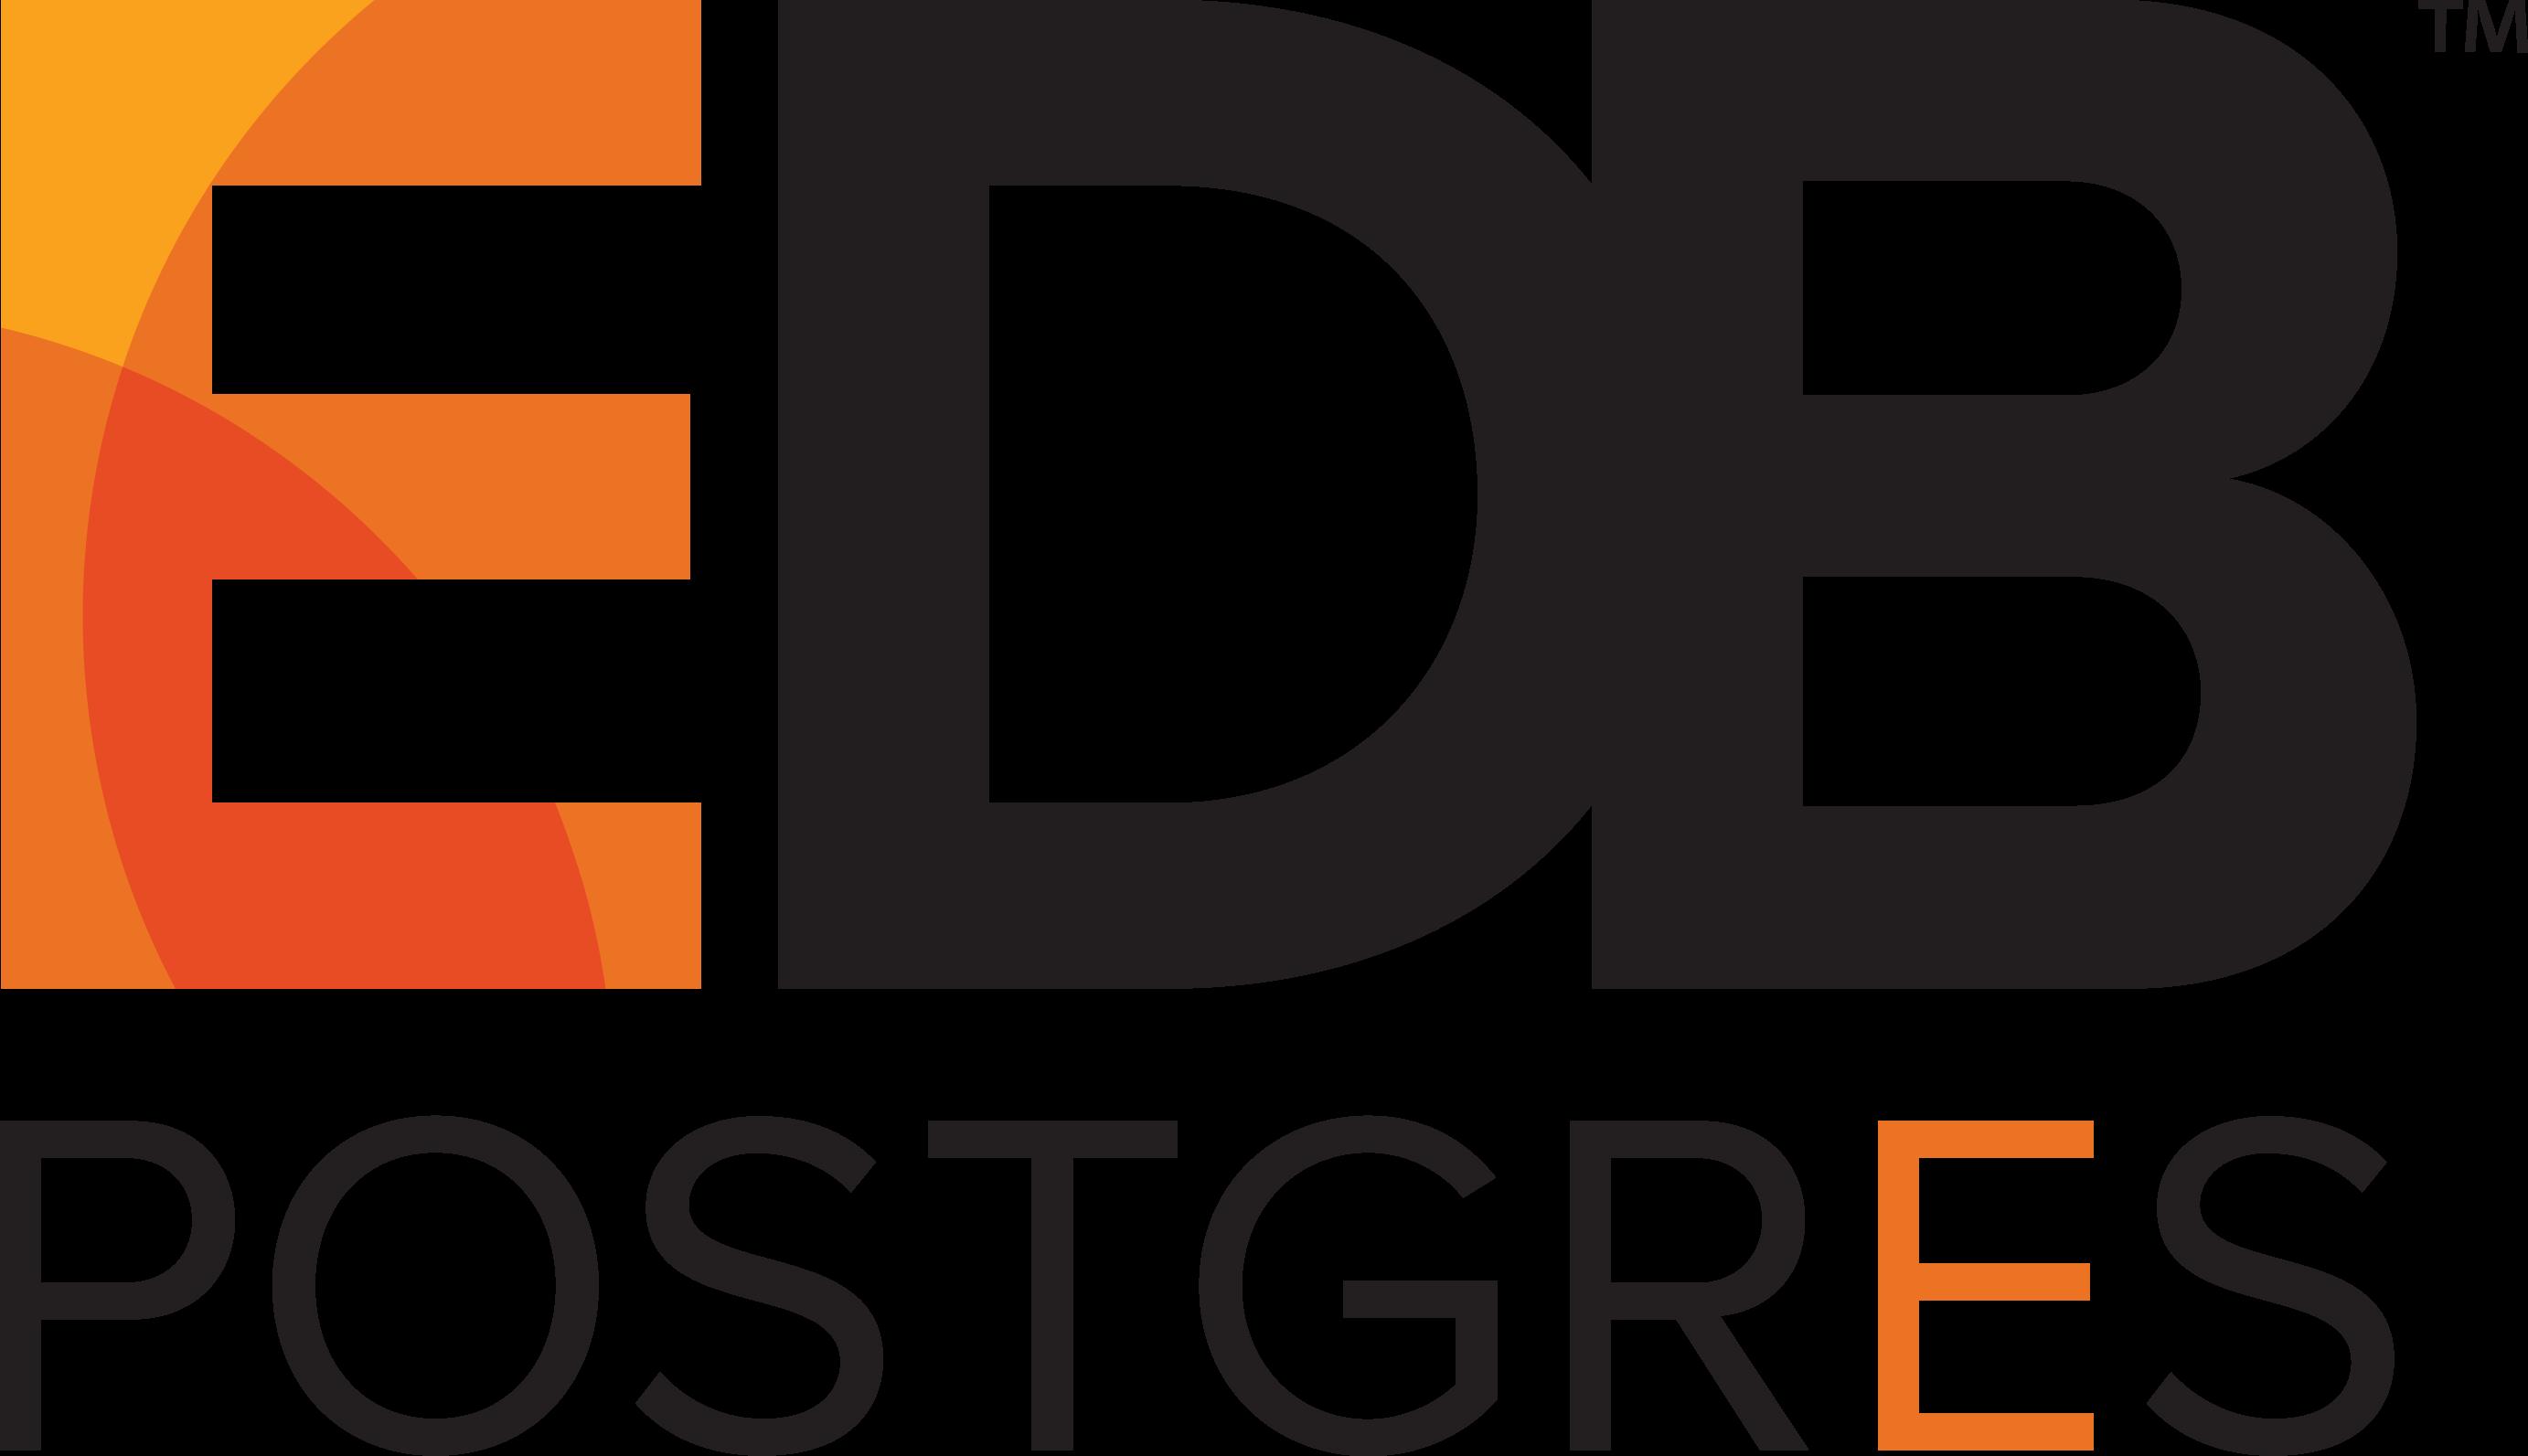 Installation de PostgreSQL 12 sur CentOS 8